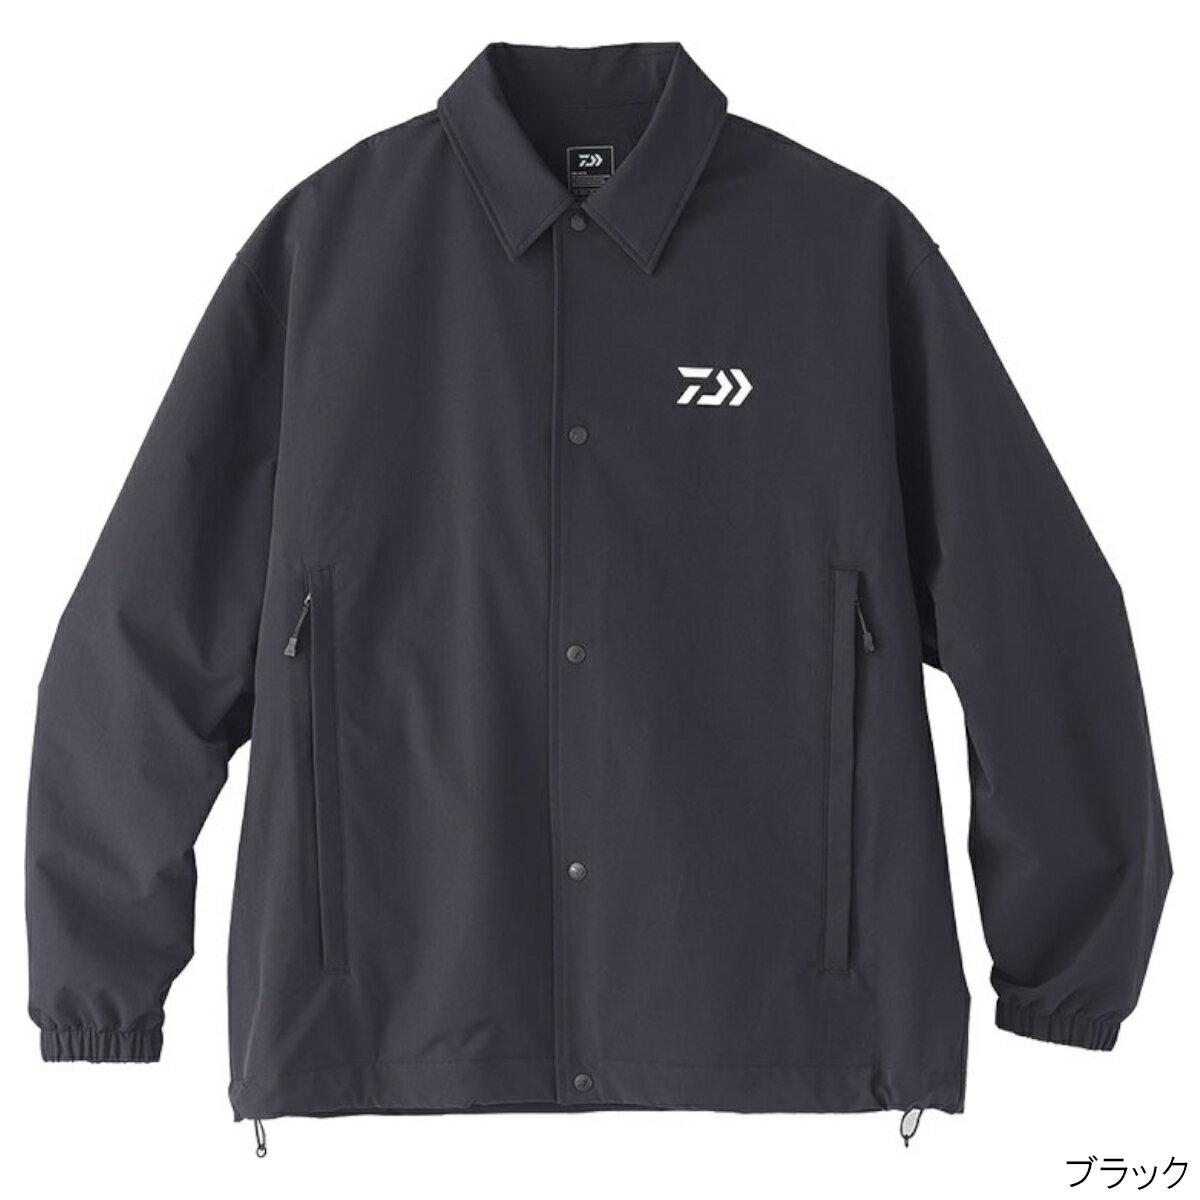 撥水 コーチジャケット DJ-35020 M ブラック ダイワ【同梱不可】